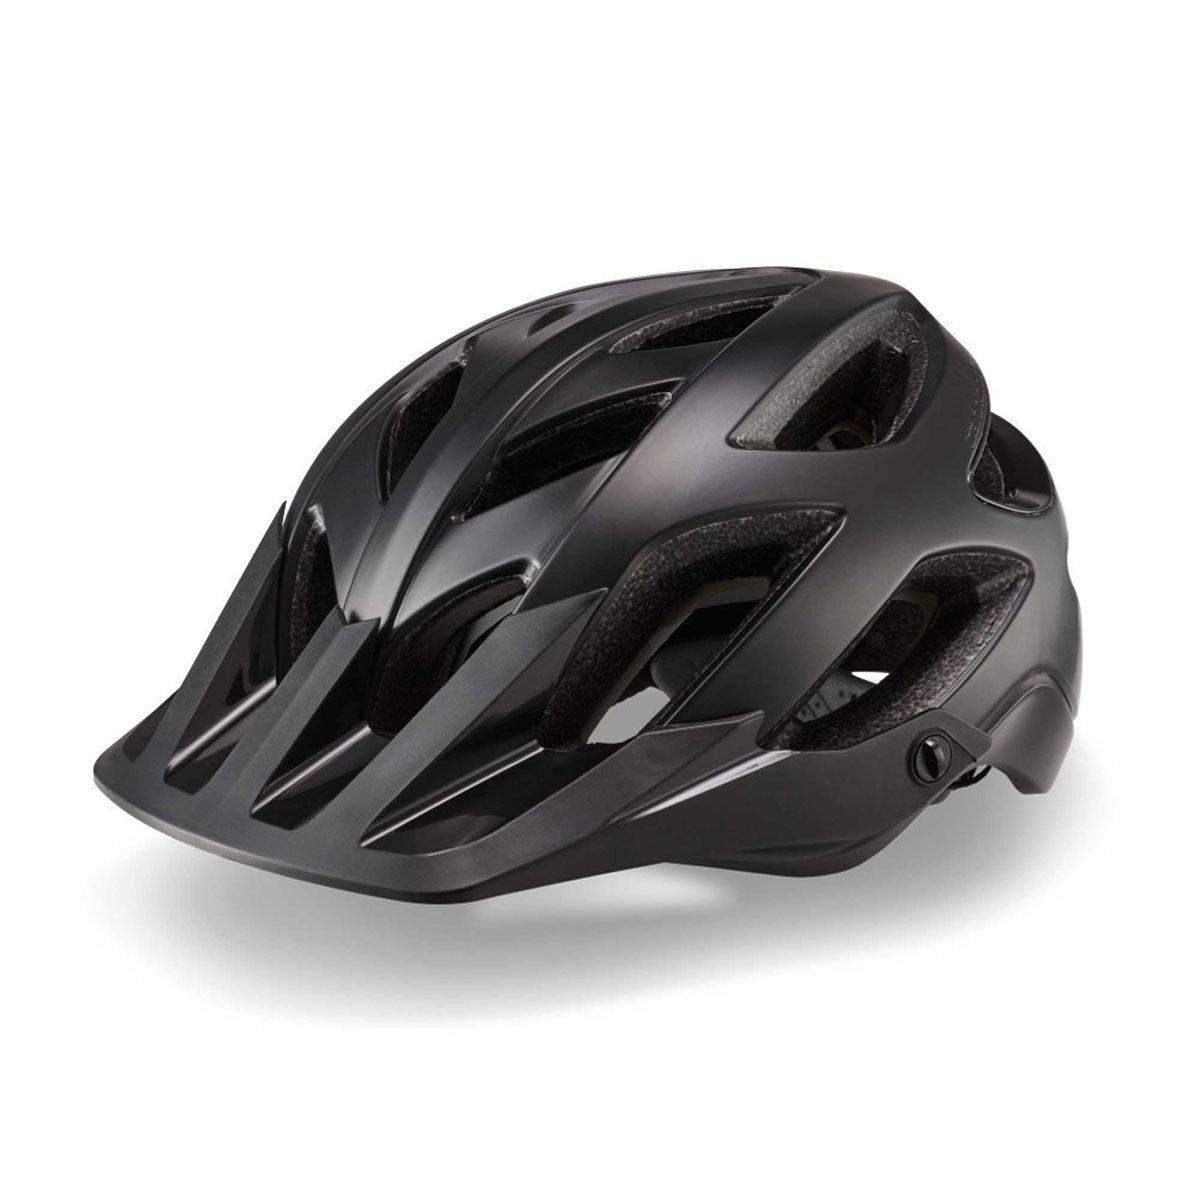 Cannondale Ryker MIPS MTB Fahrrad Helm schwarz 2017